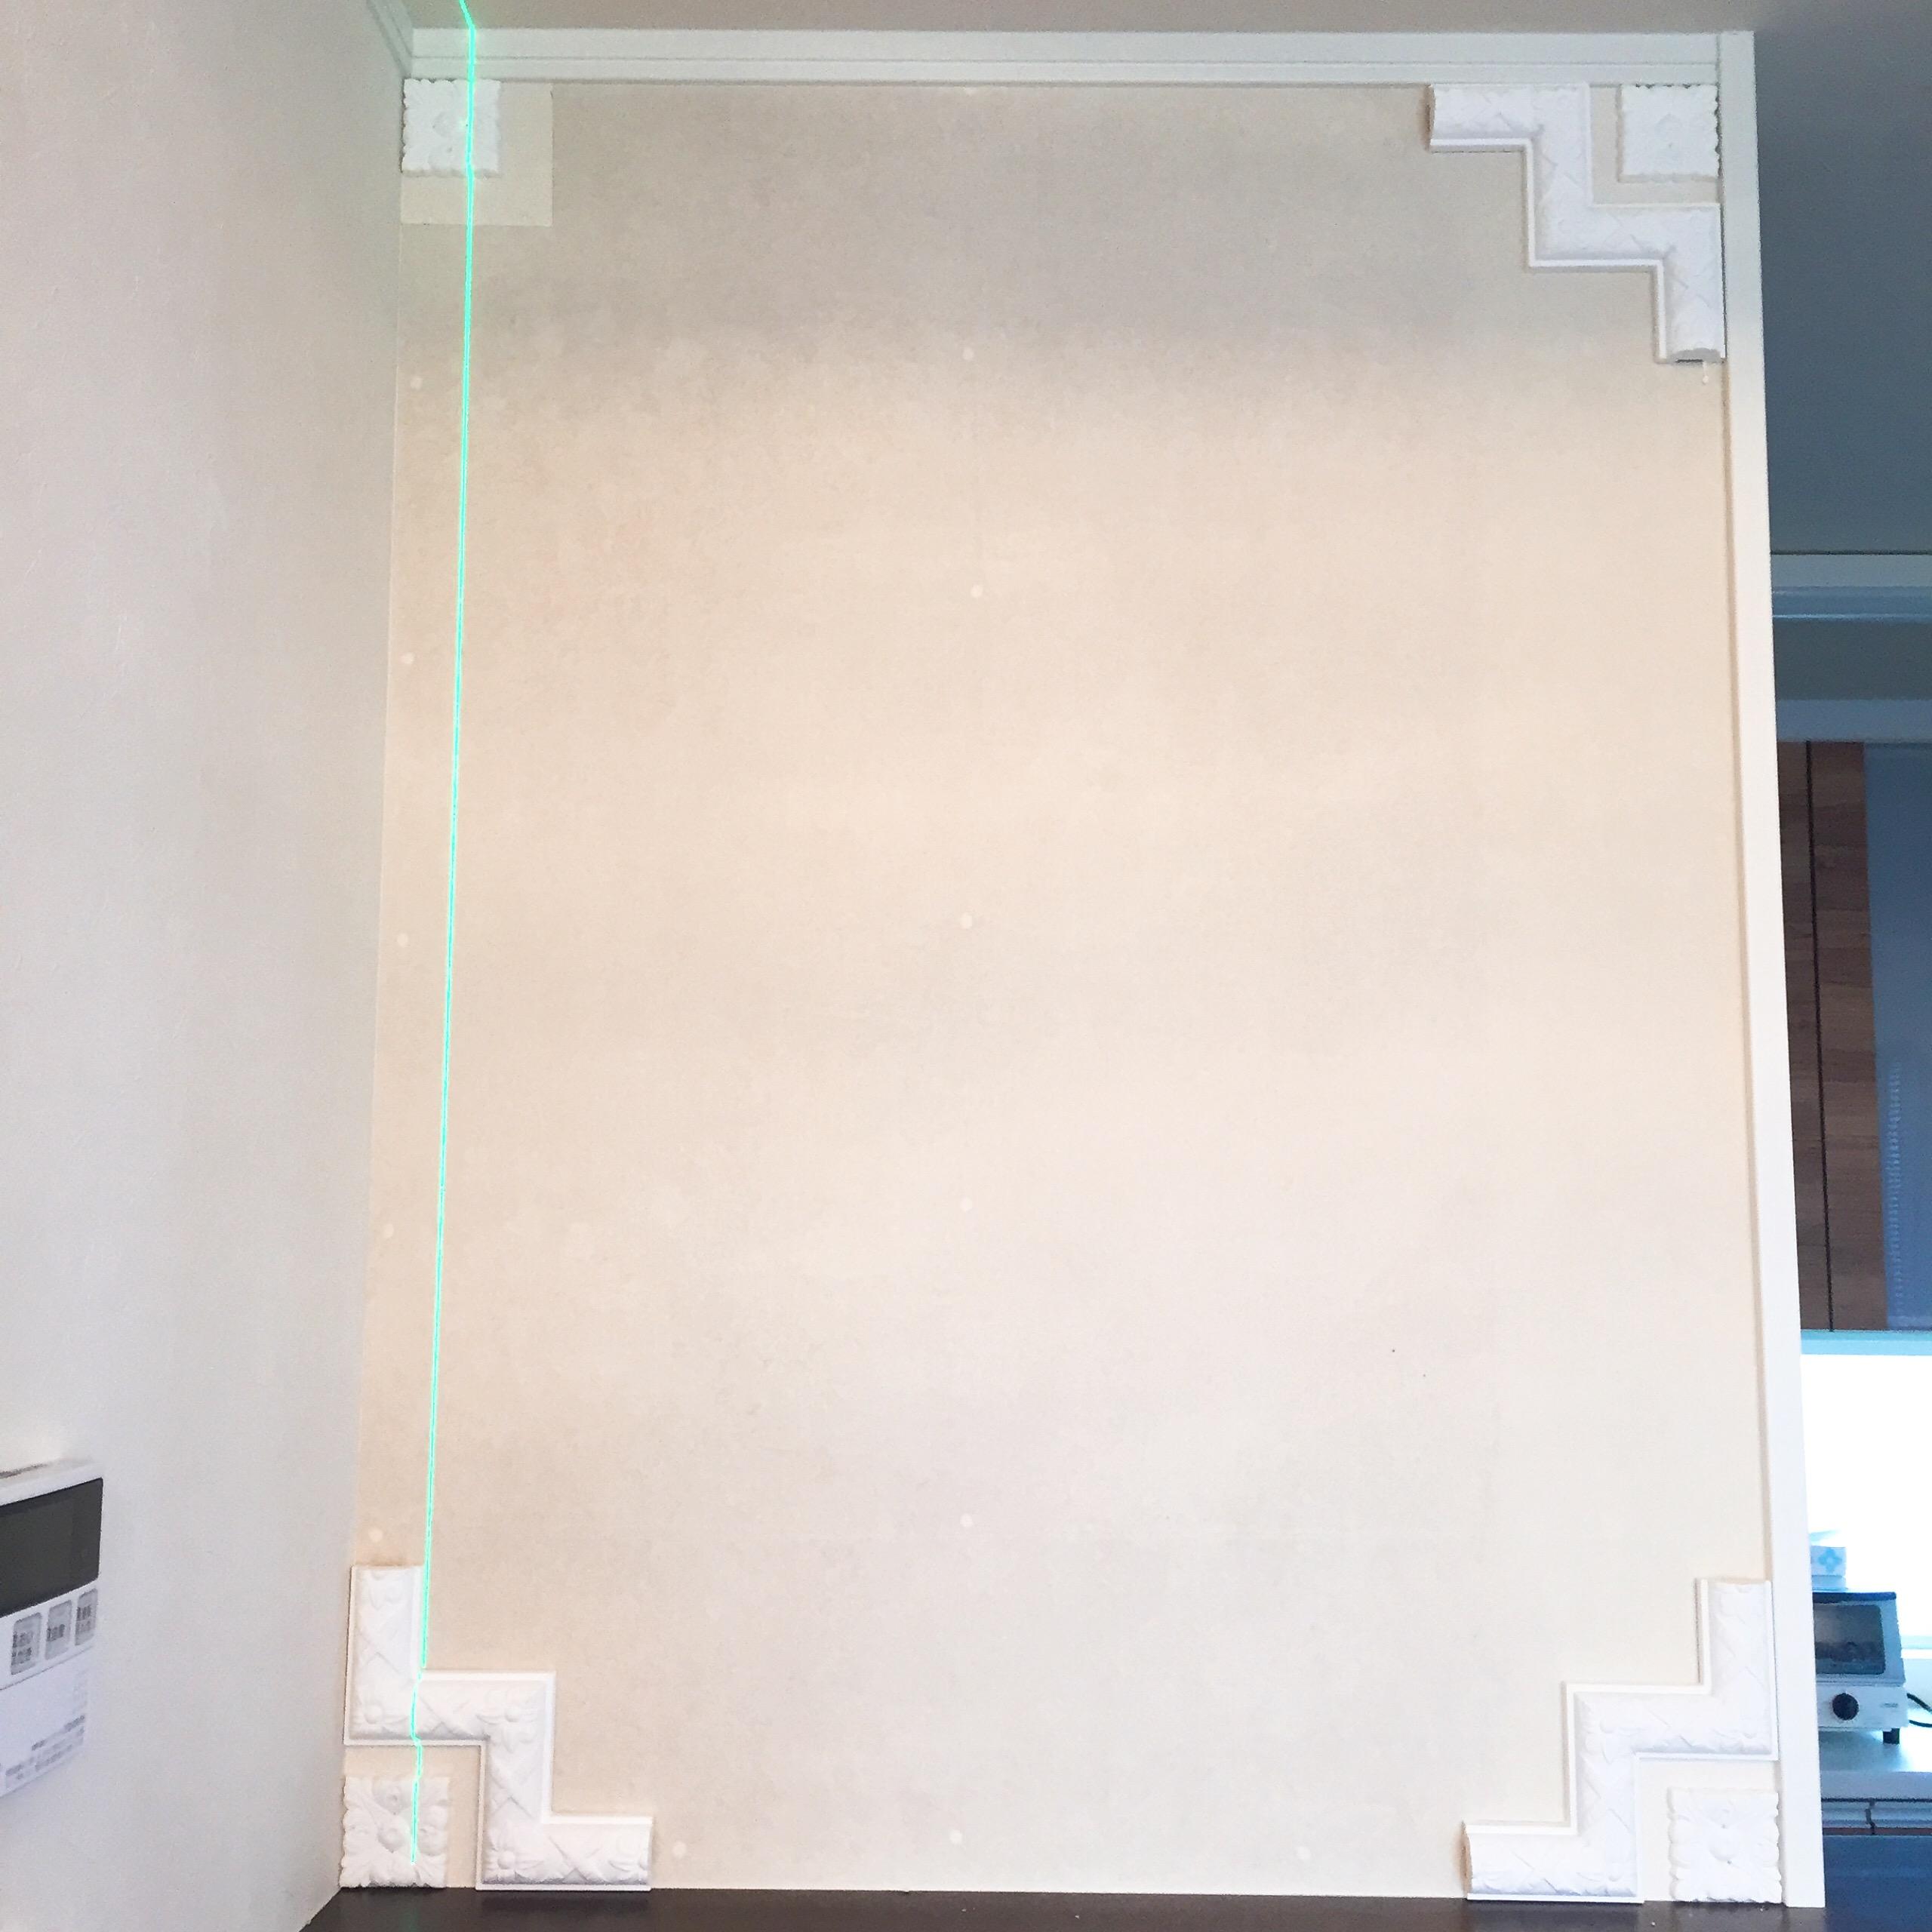 いつも以上に仕上がりが気になった現場 ウィリアムモリスの壁紙 ブログ 輸入壁紙施工専門の株式会社walls